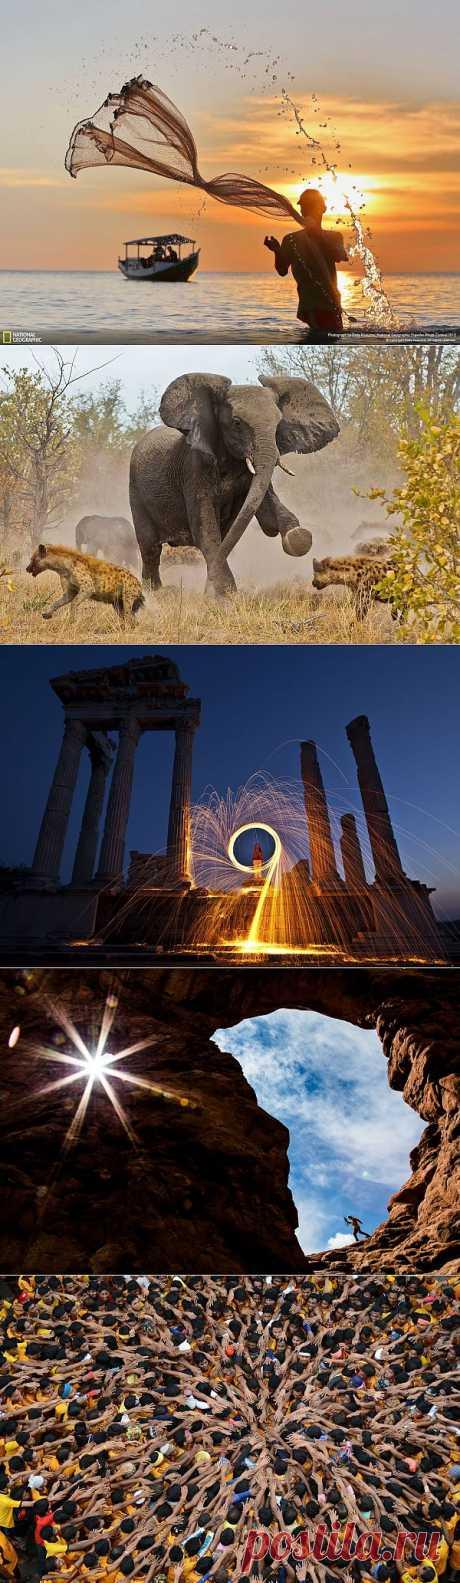 Лучшие фотографии о путешествиях от National Geographic : НОВОСТИ В ФОТОГРАФИЯХ